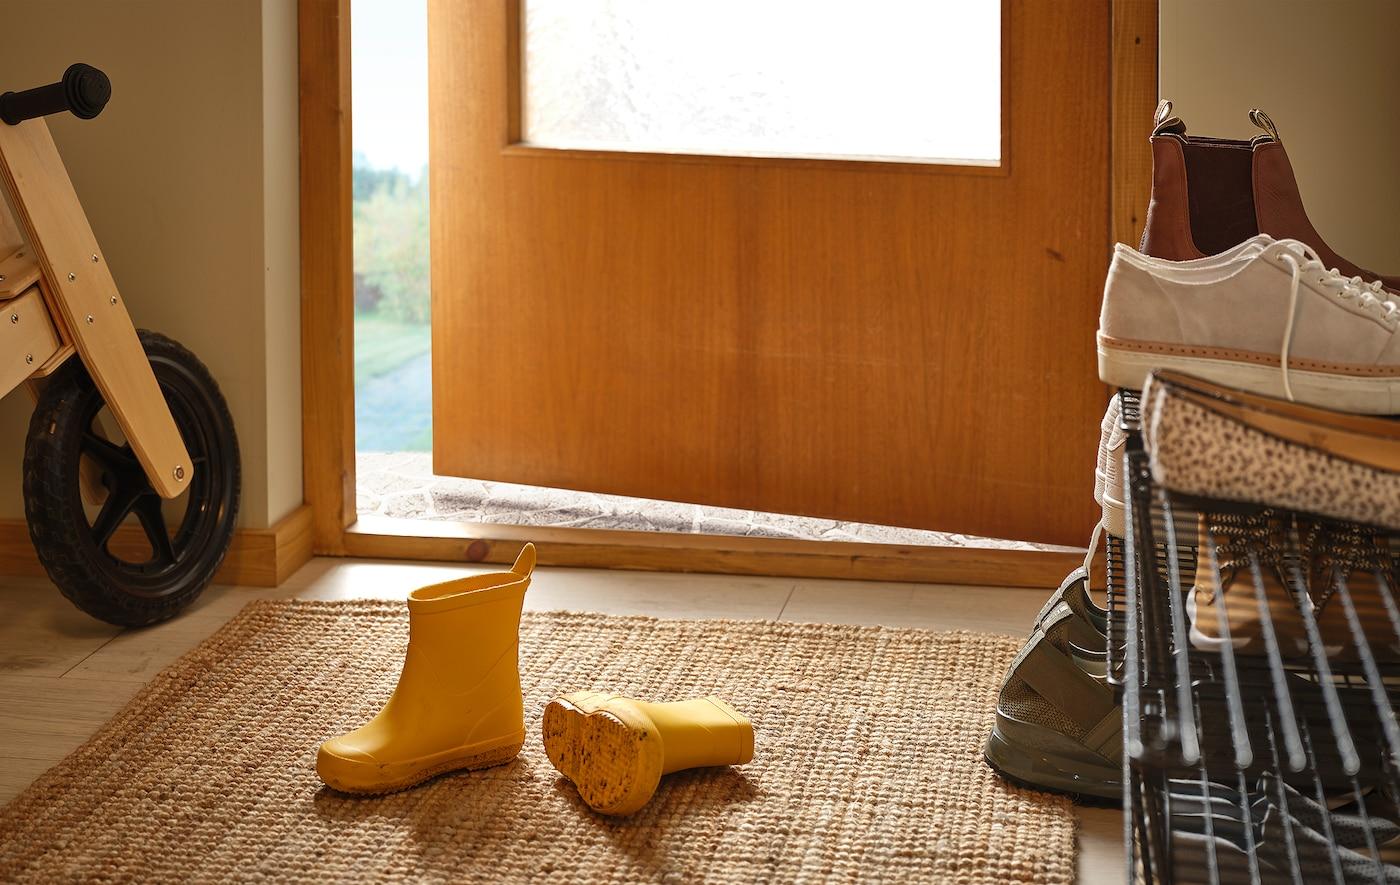 Hall d'entrée avec une paire de bottes d'enfant sur le tapis, une étagère à chaussures sur le côté, un vélo d'enfant en bois contre le mur.